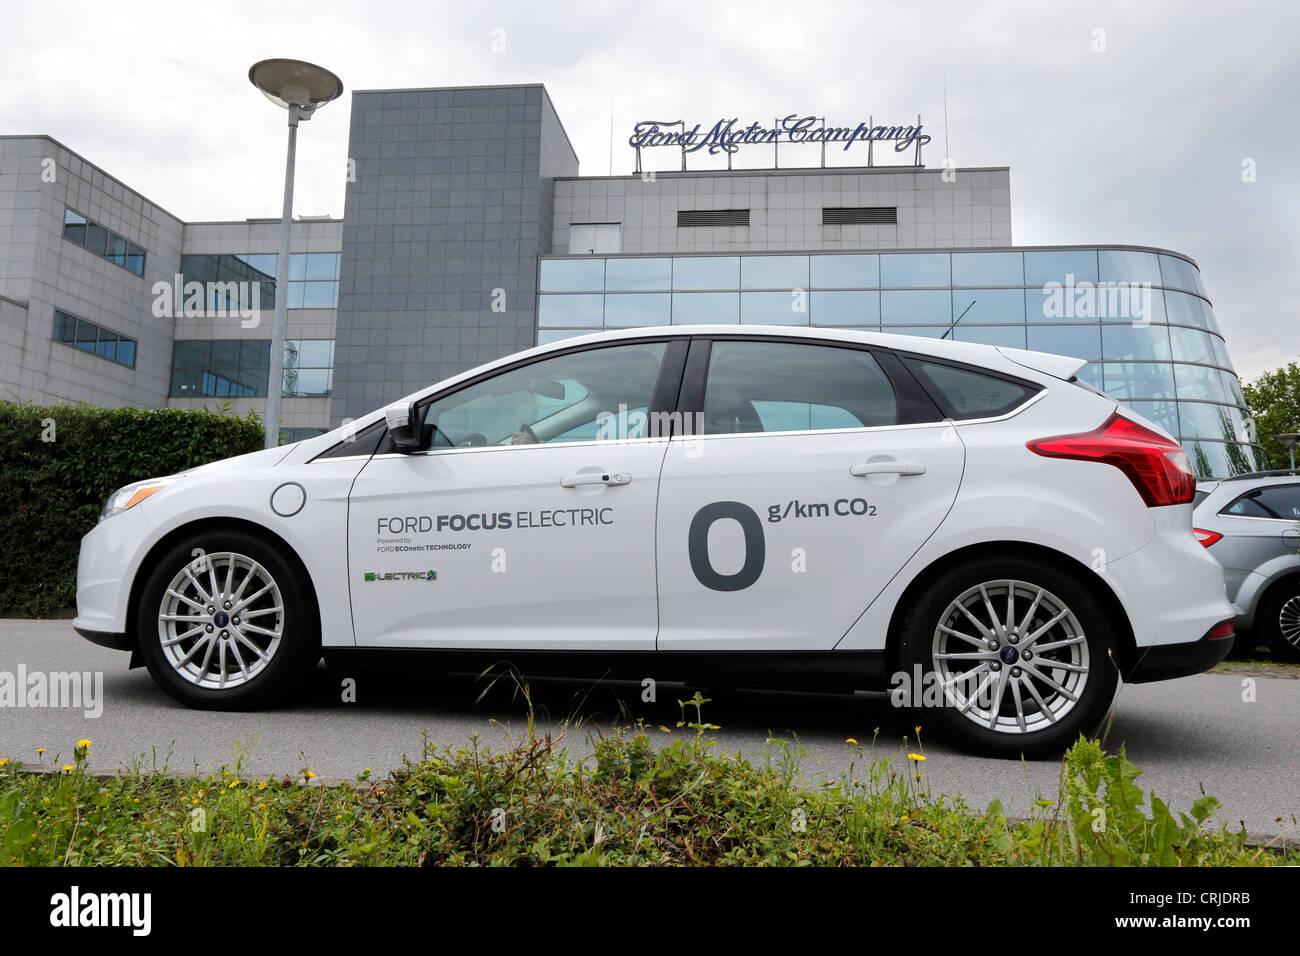 Ford Motor Company, Fords Forschung und Vorentwicklung Zentrum in Aachen/Deutschland. Vorne ist der Ford Focus ELECTRIC Stockbild